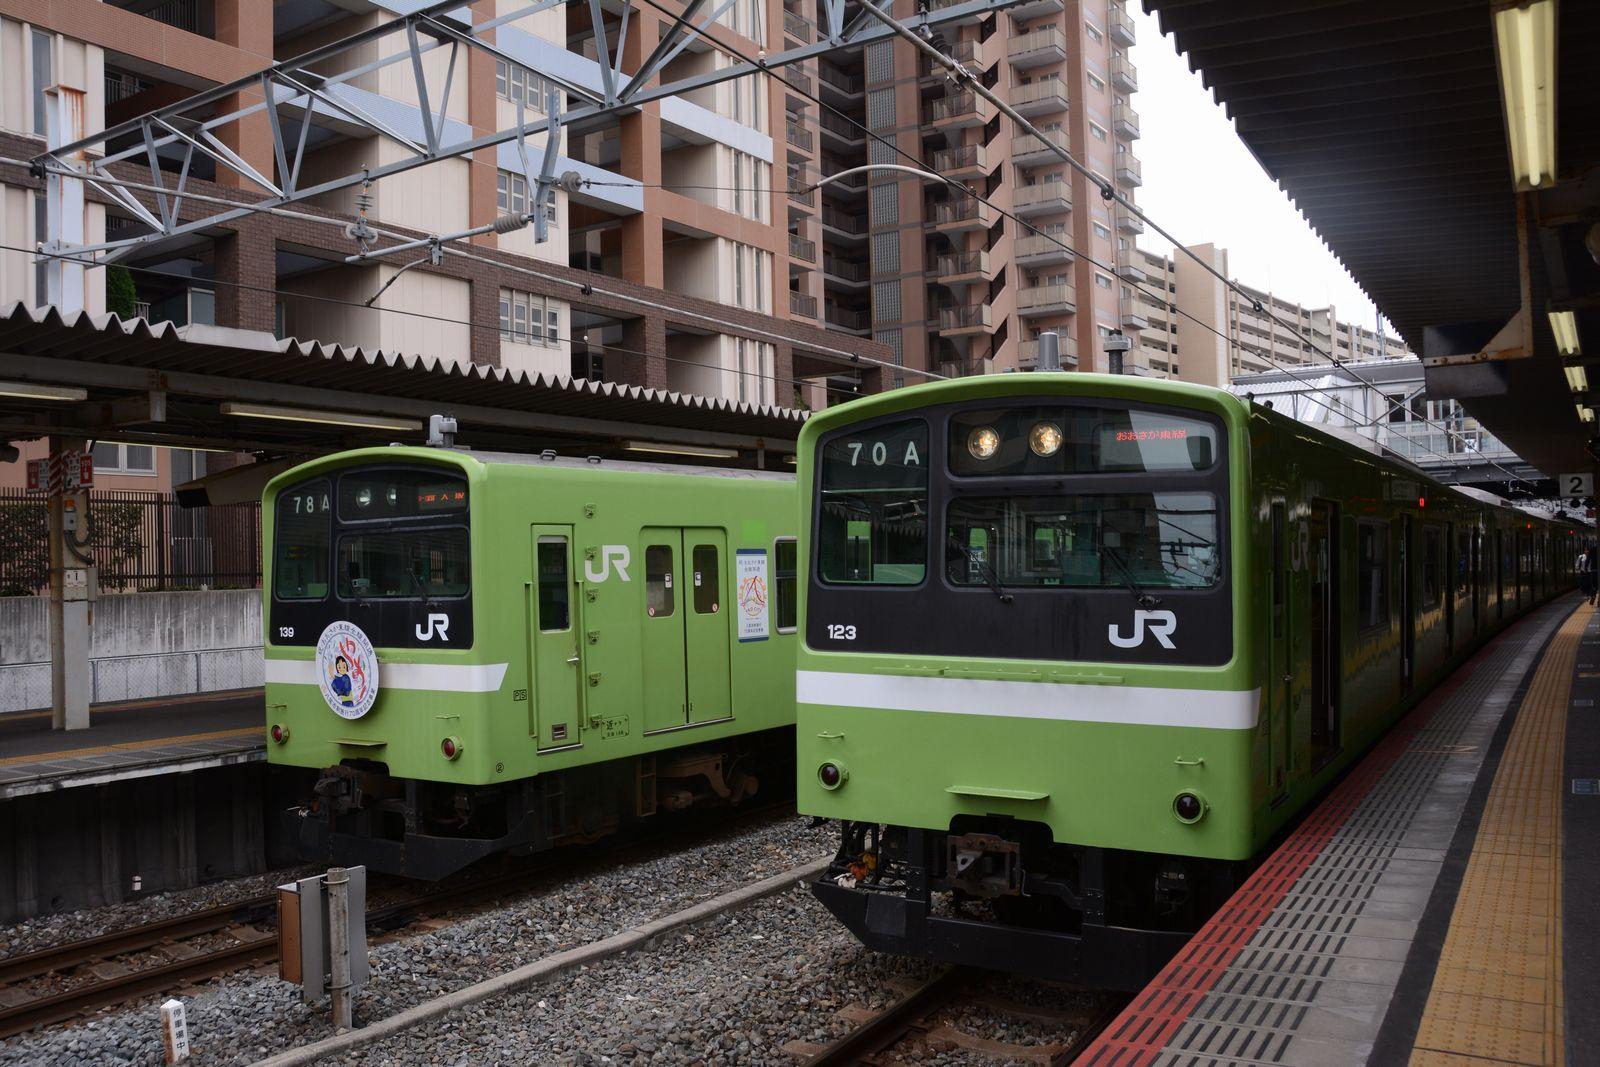 全線開業したばかりのJRおおさか東線に初乗車